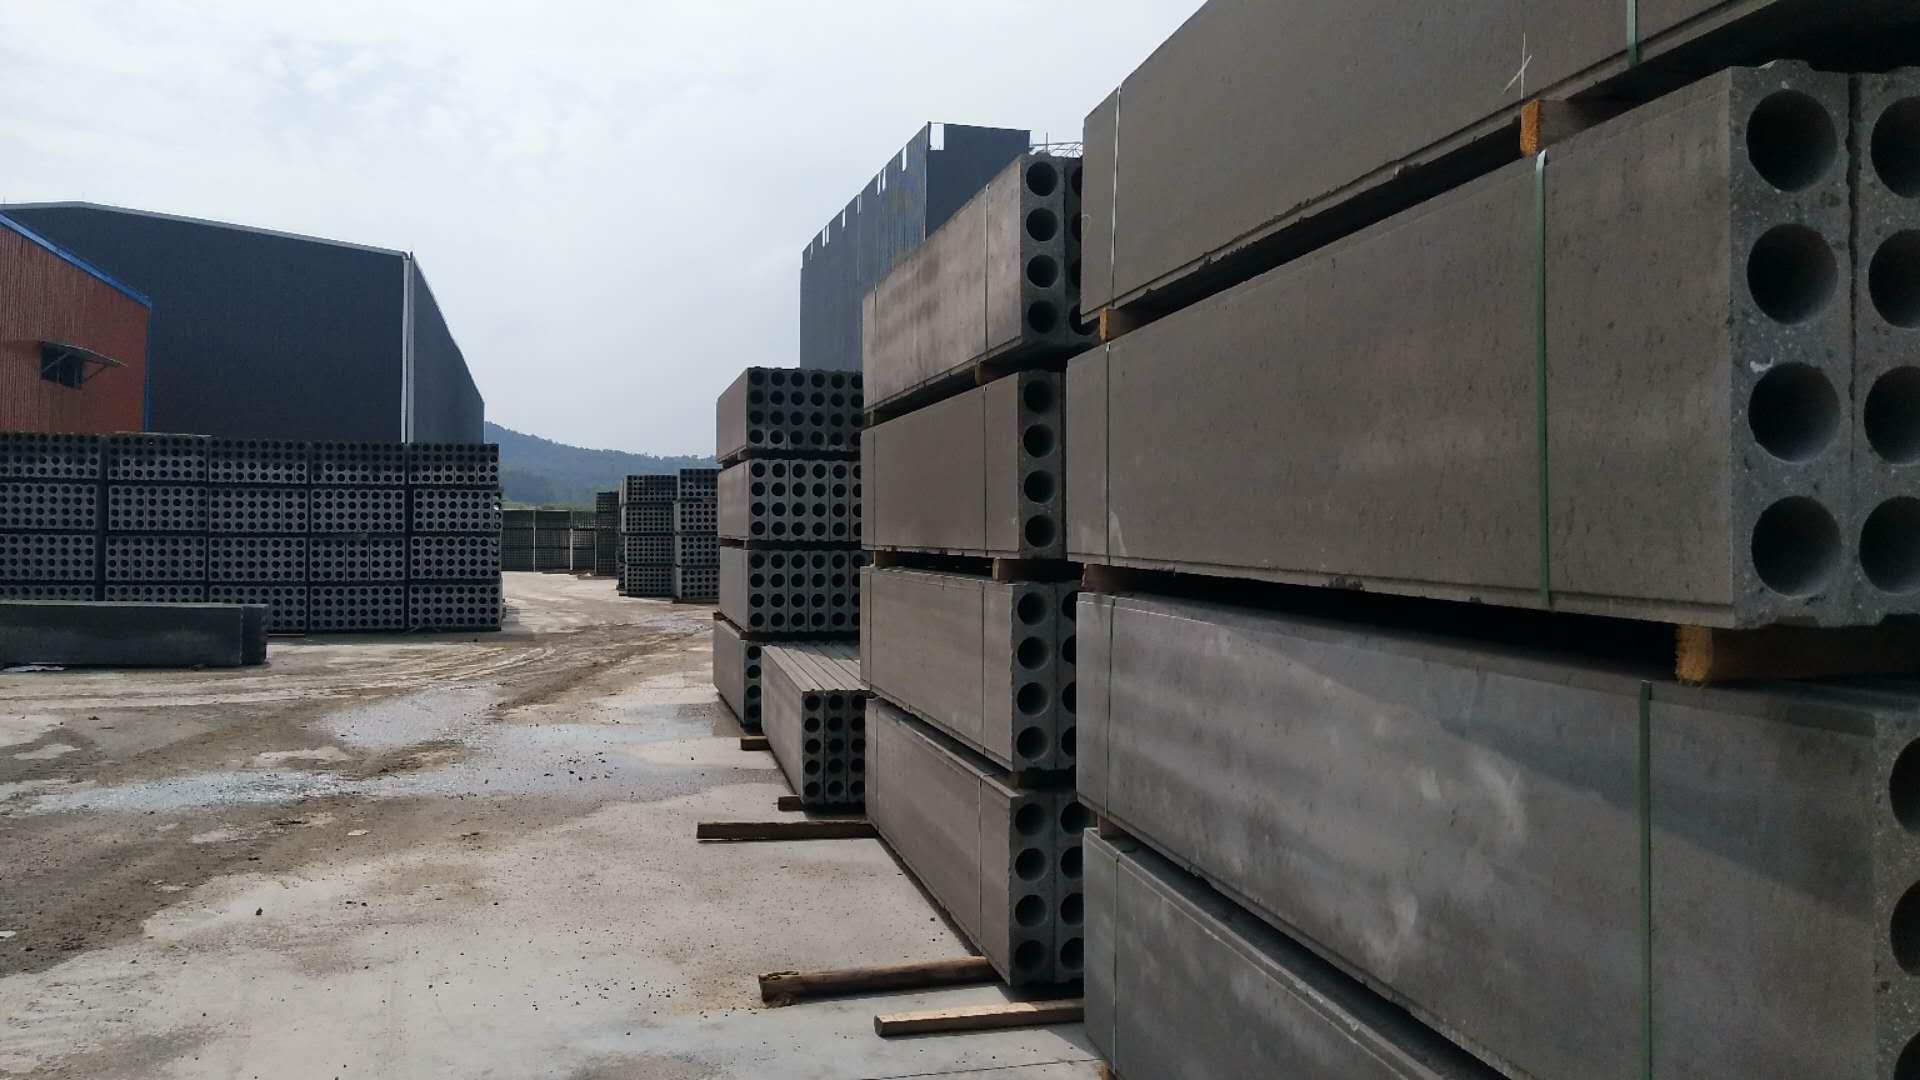 东升建材提供南宁地区销量好的钦州轻质隔墙板——南宁轻质隔墙板